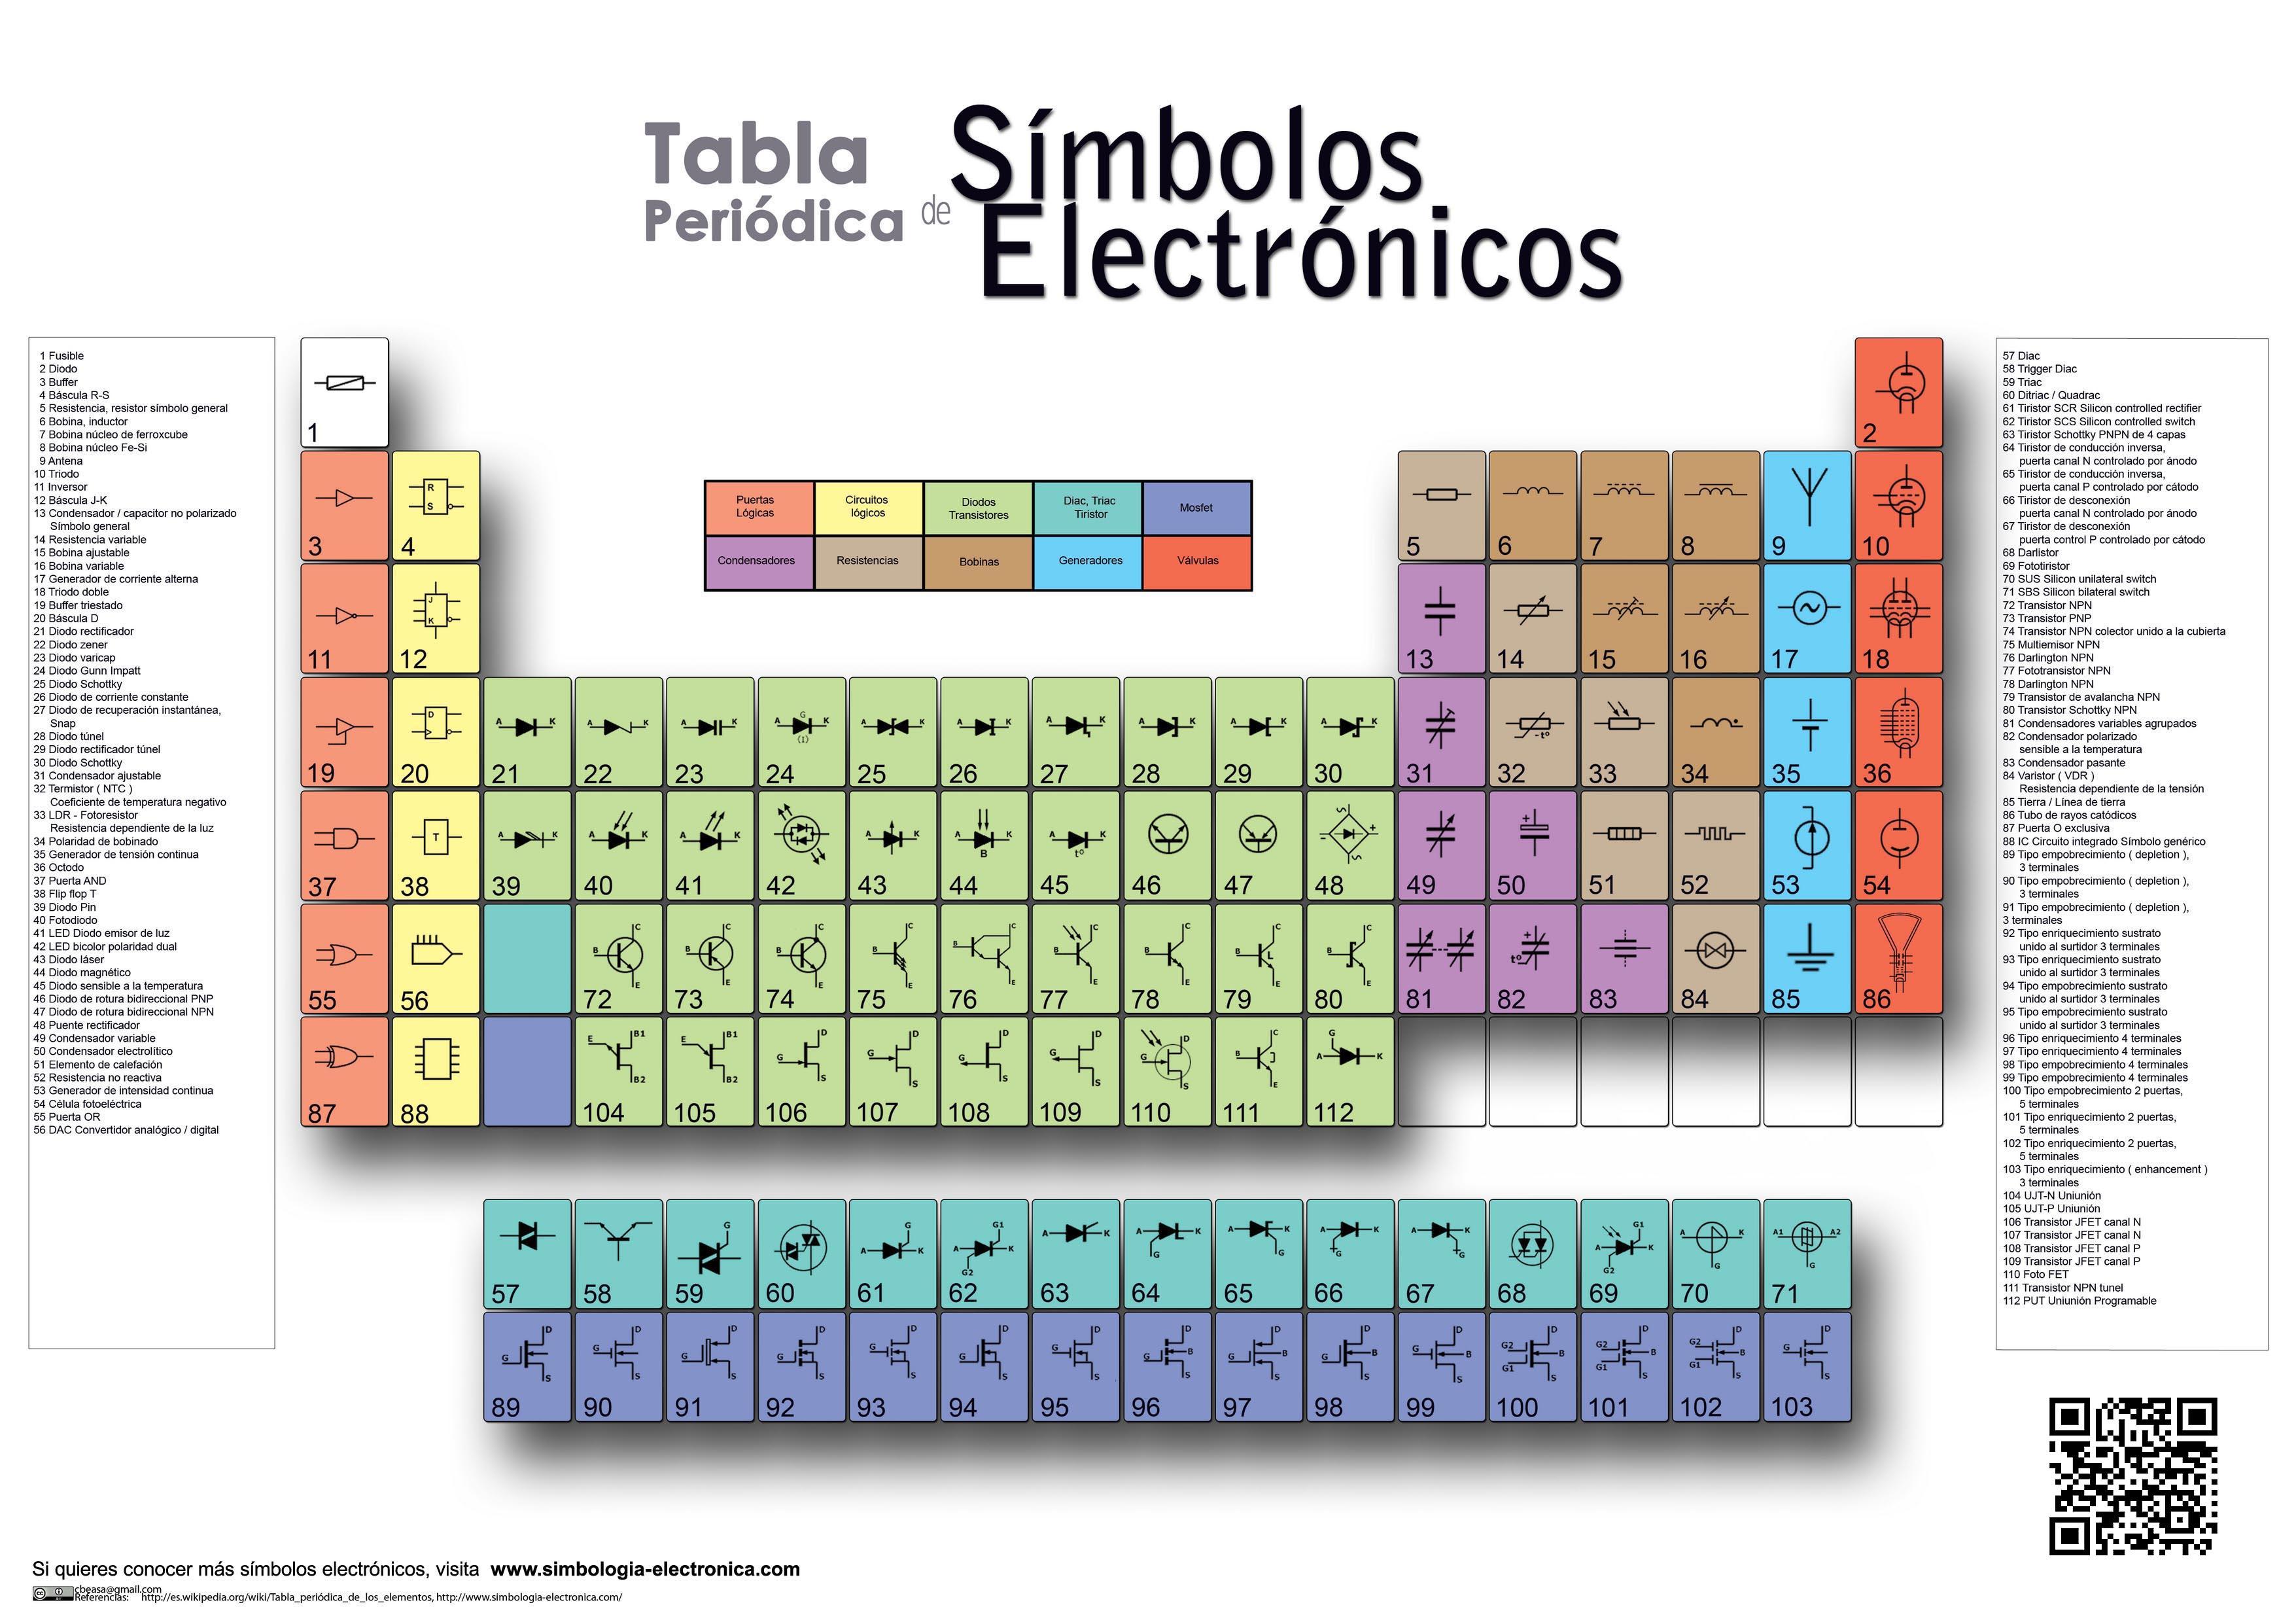 Tabla peridica de smbolos electrnicos imagen en tamao original en jpg 843kb urtaz Choice Image